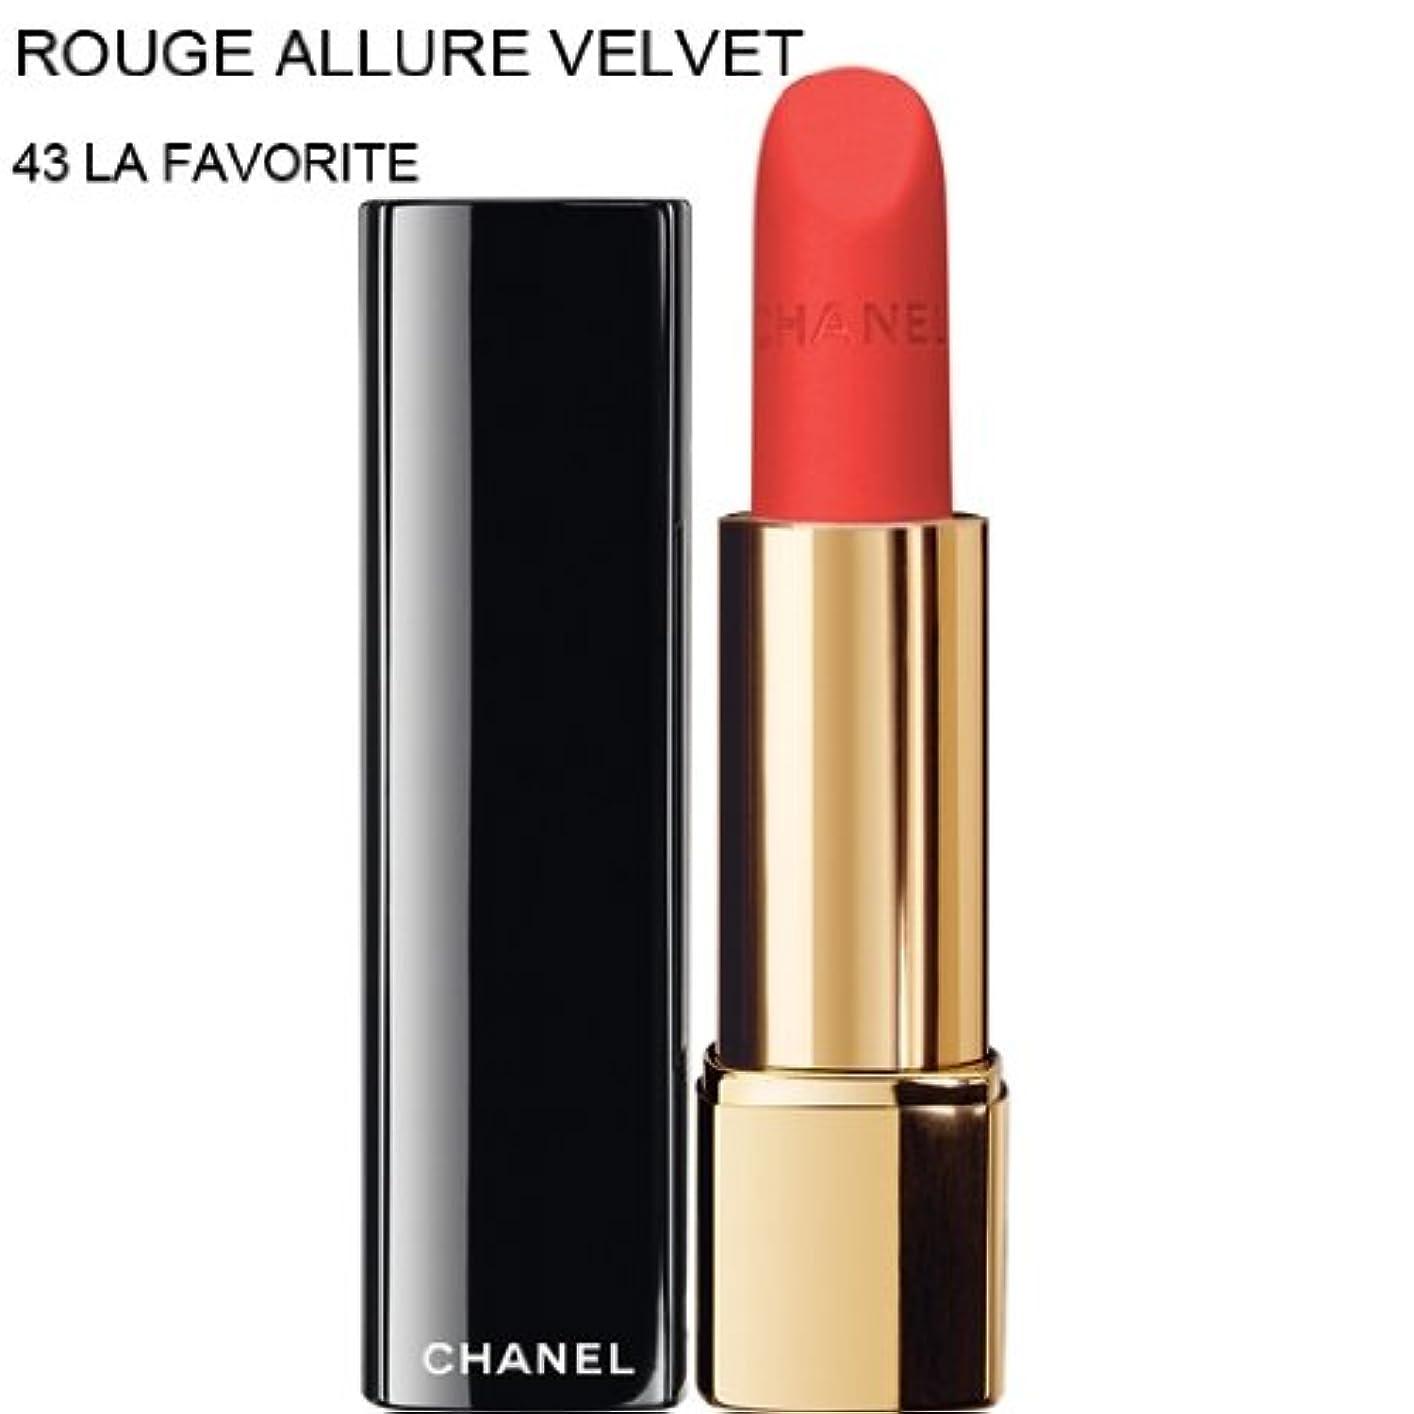 市区町村道区別CHANEL-Lipstick ROUGE ALLURE VELVET (43 LA FAVORITE) (parallel imported item 並行輸入品)